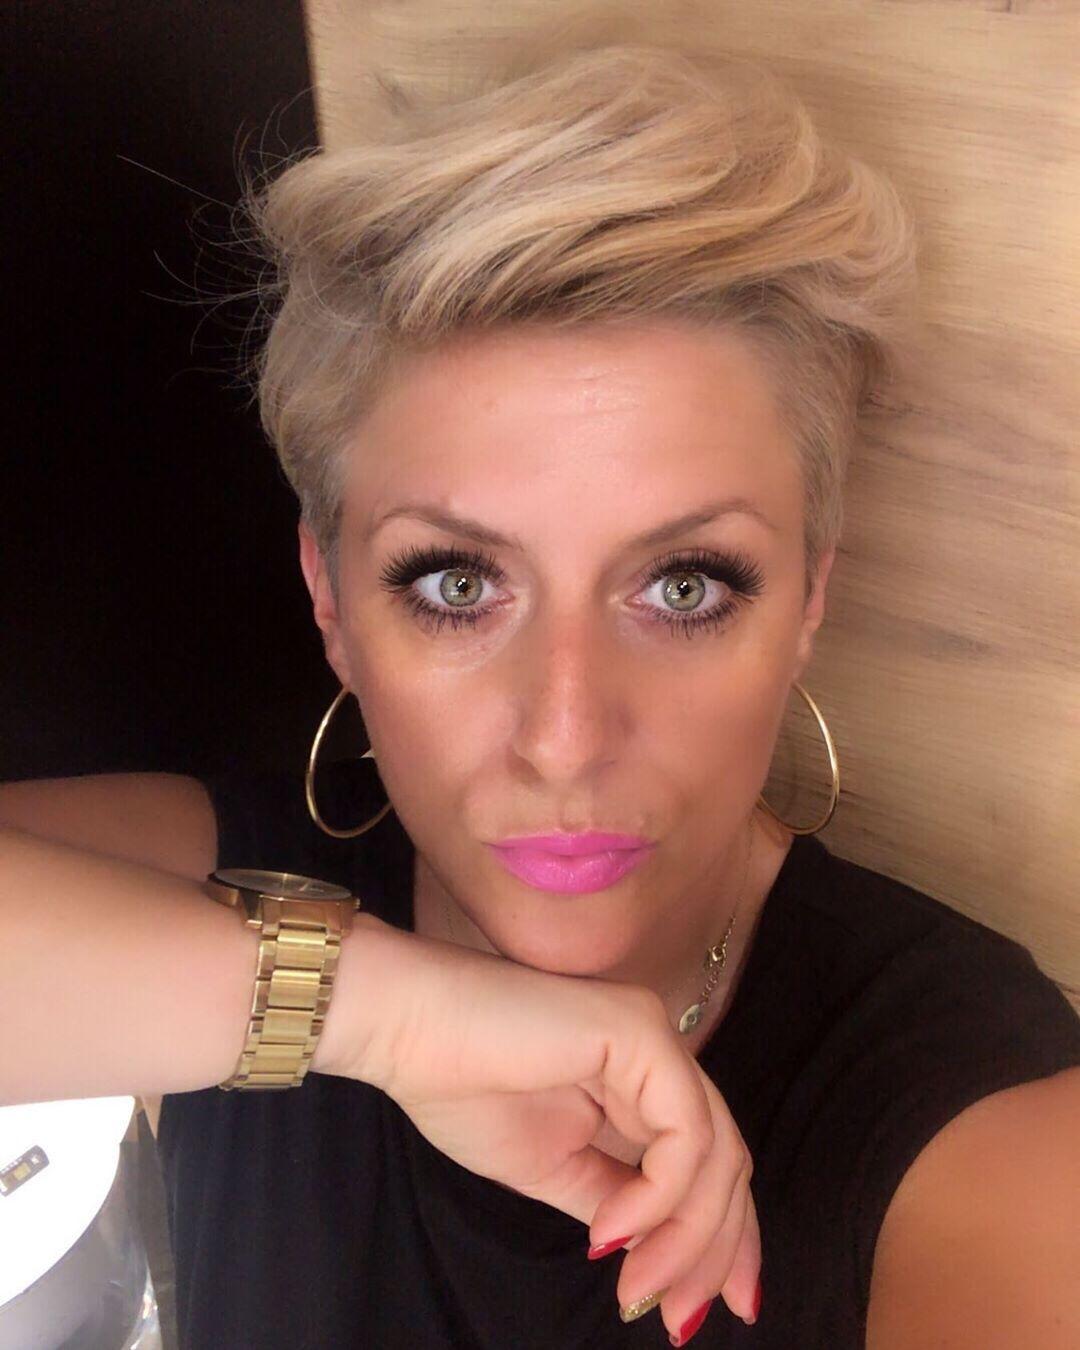 Ja Nie Chce Isc Pod Wiatr Gdy Wieje W Dobra Strone Nie Chce Biec Do Gwiazd Niech Gwiazdy Biegna Do Mnie Nie Chce Chwytac Dni Hairstyle Hoop Earrings Earrings